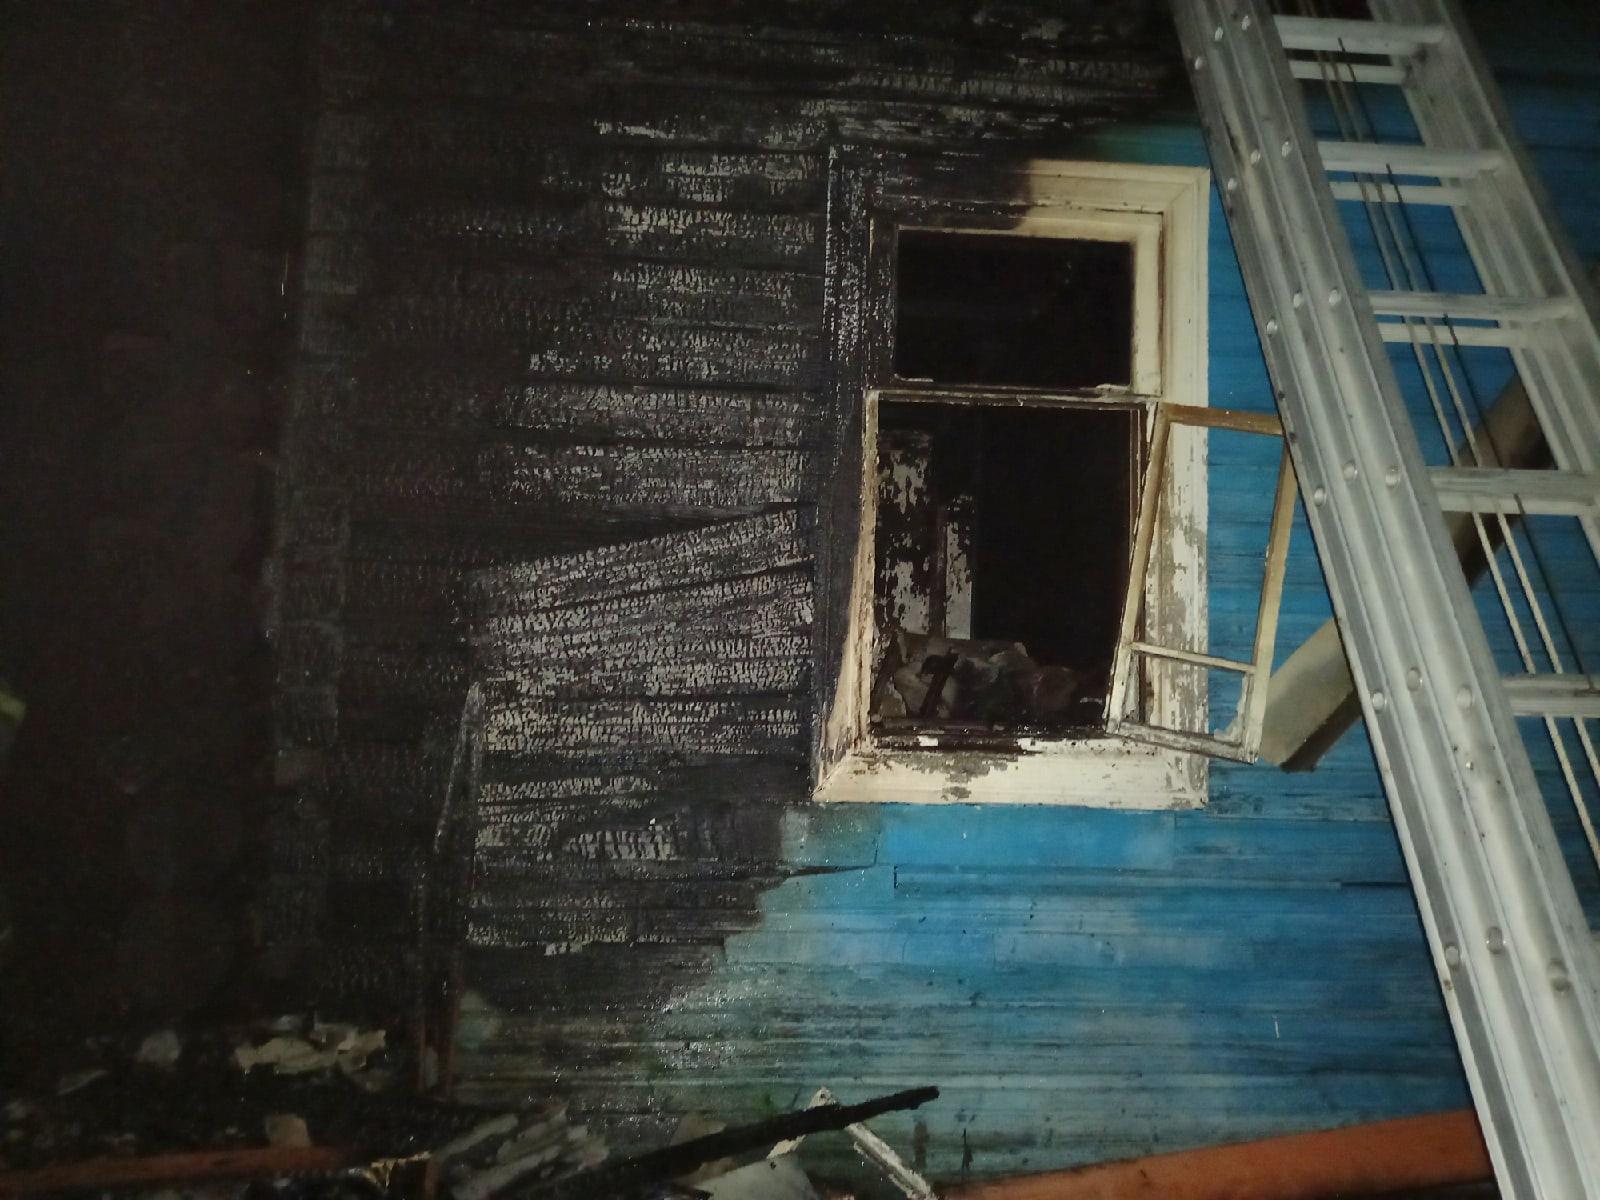 После гибели двух мужчин на пожаре в Тверской области проверку начали в Следственном комитете - новости Афанасий